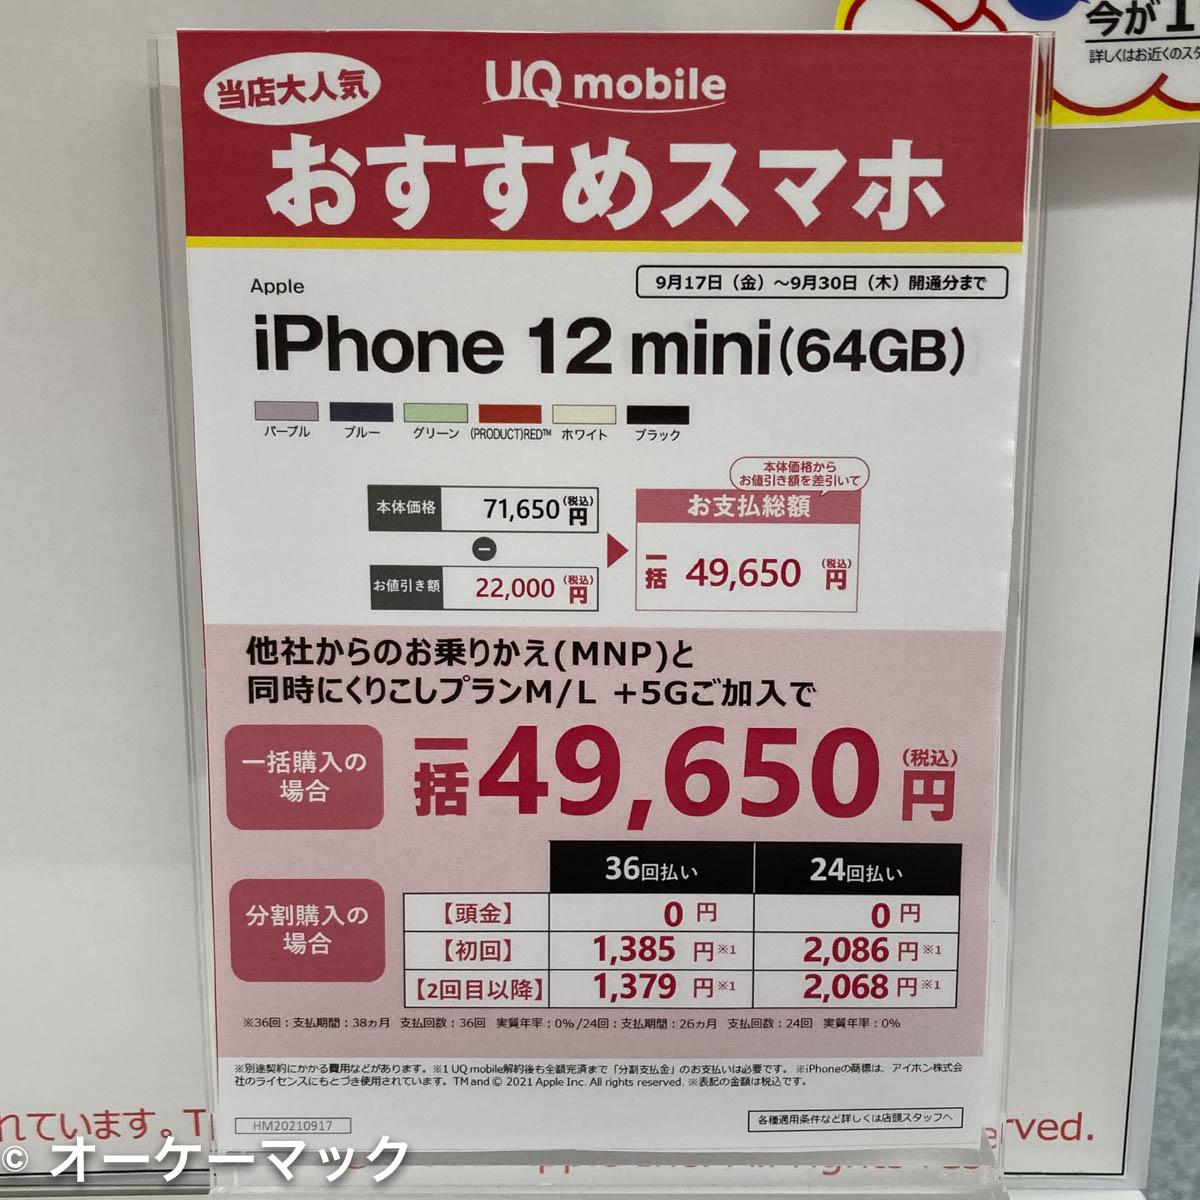 iPhone 12 mini (64GB)がUQモバイルで49,650円にて販売中